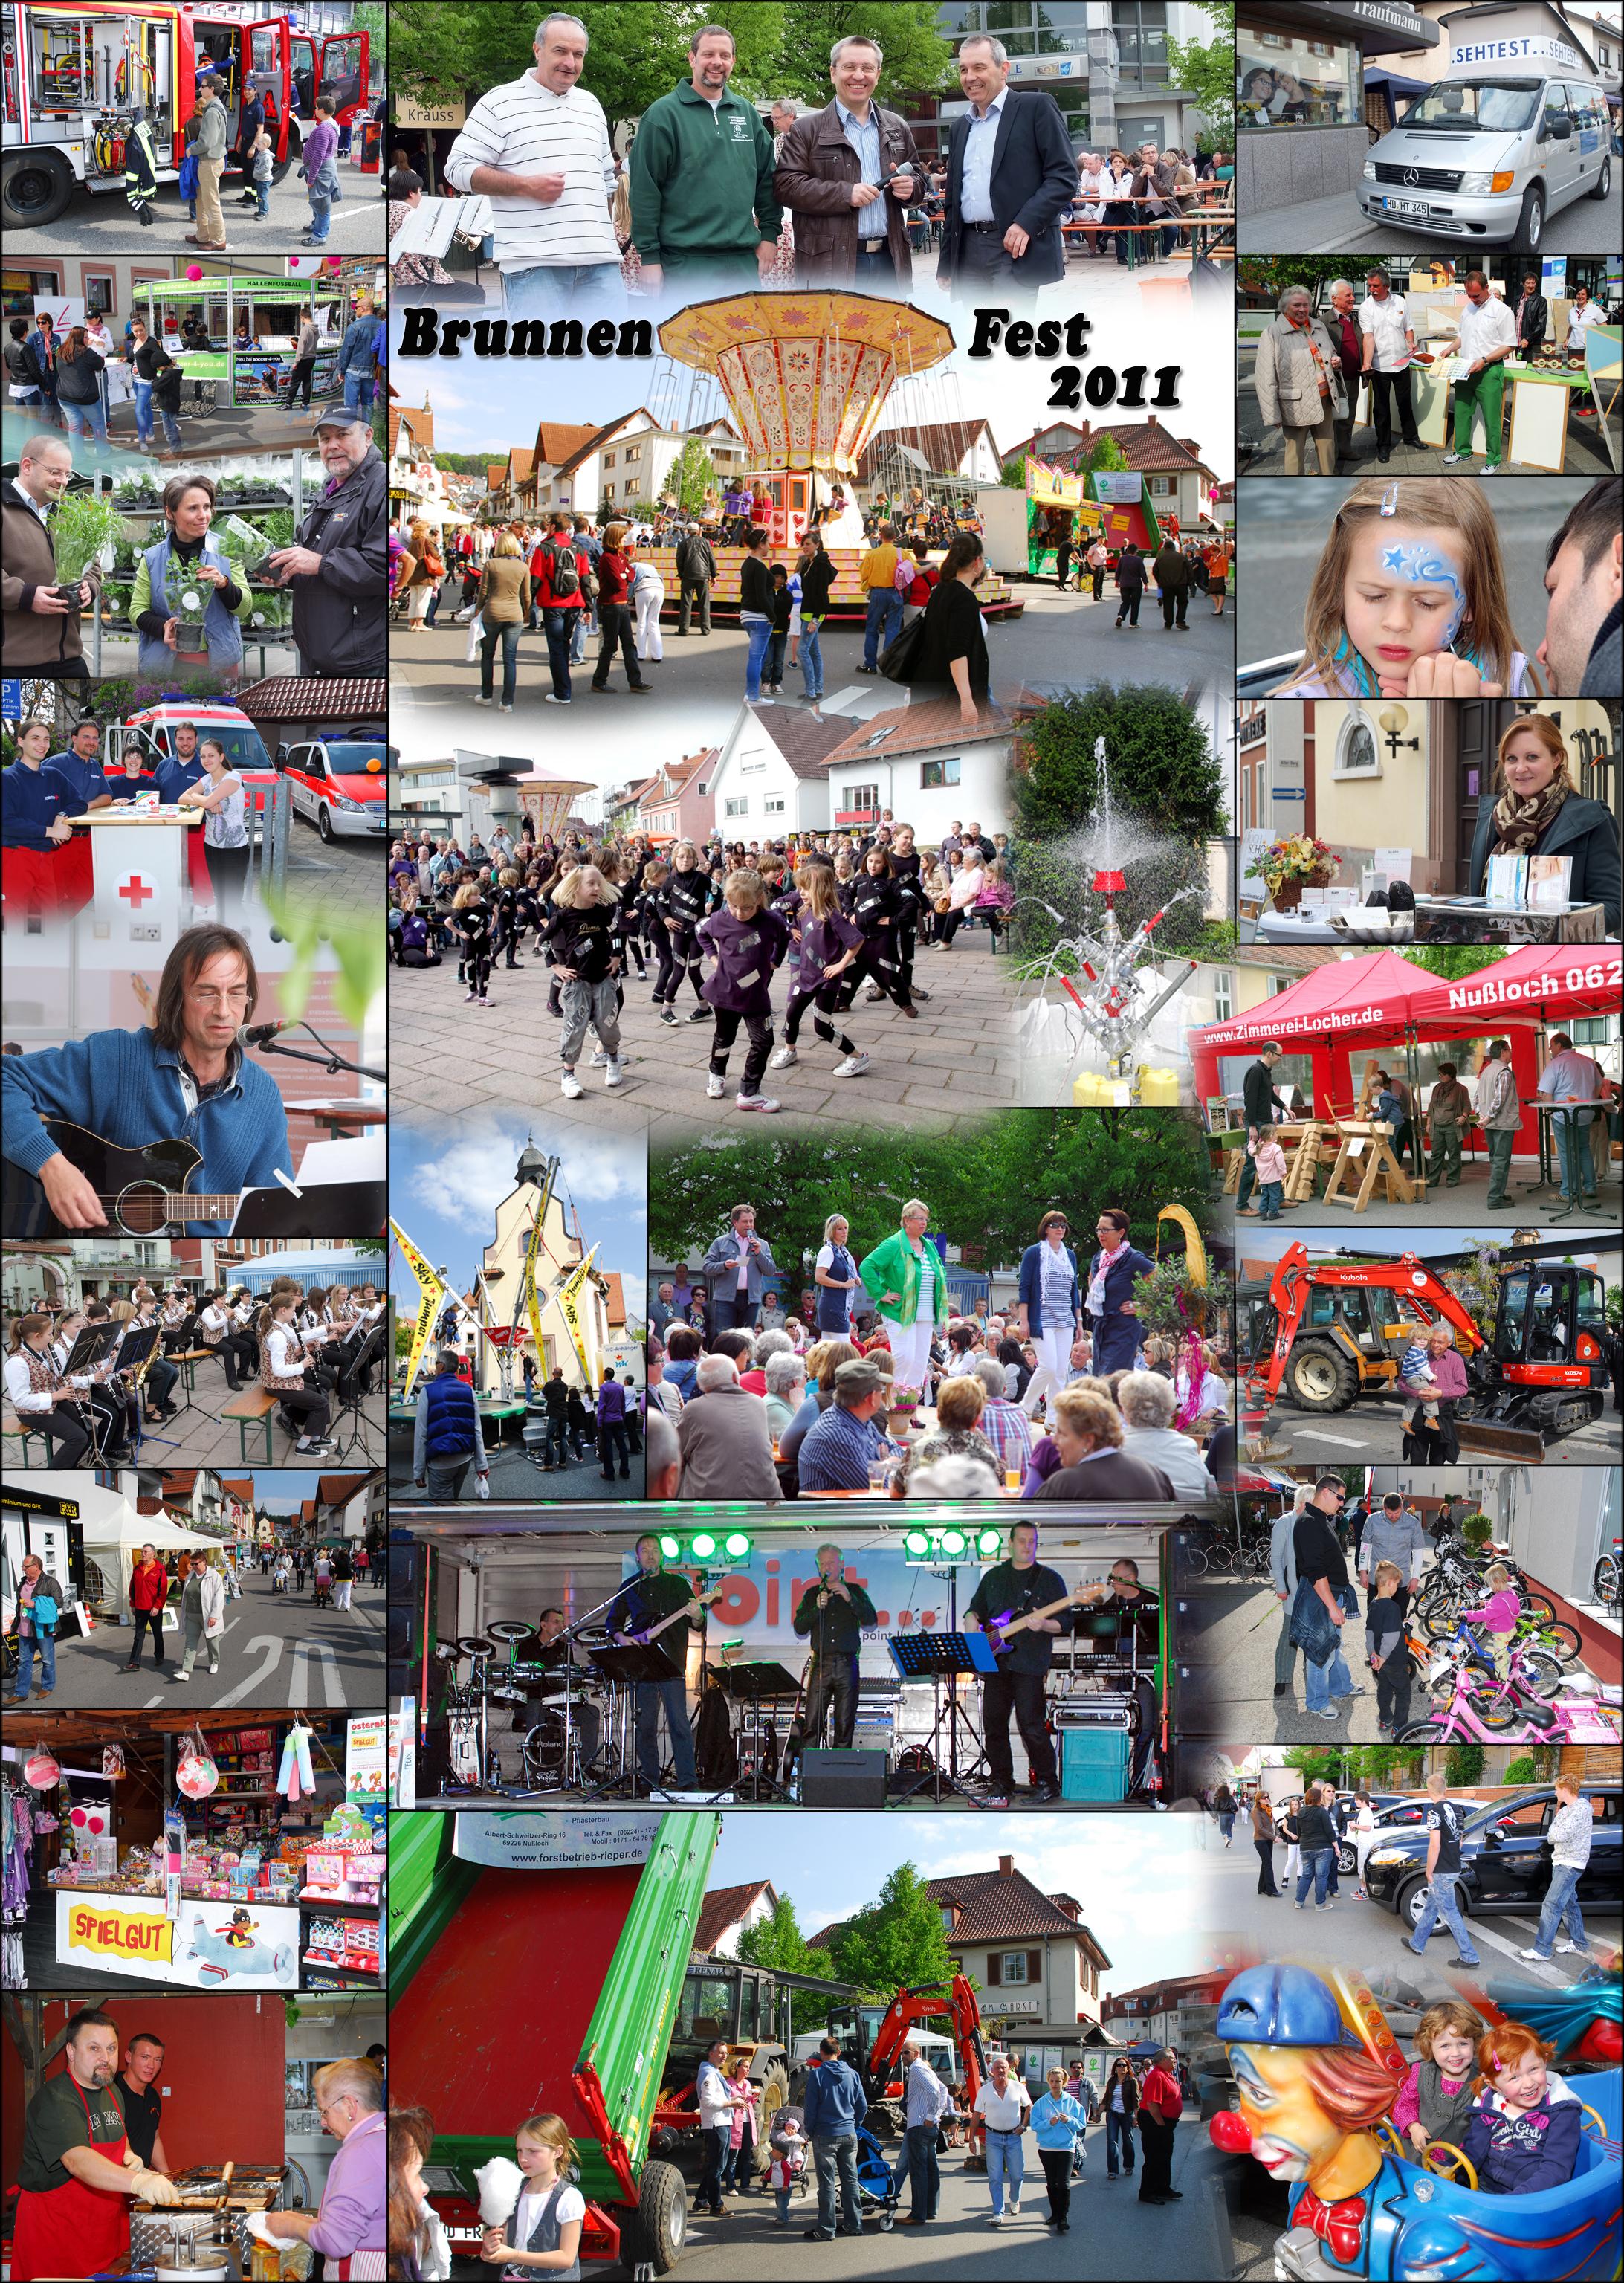 Bild für 71 Brunnenfest 2011